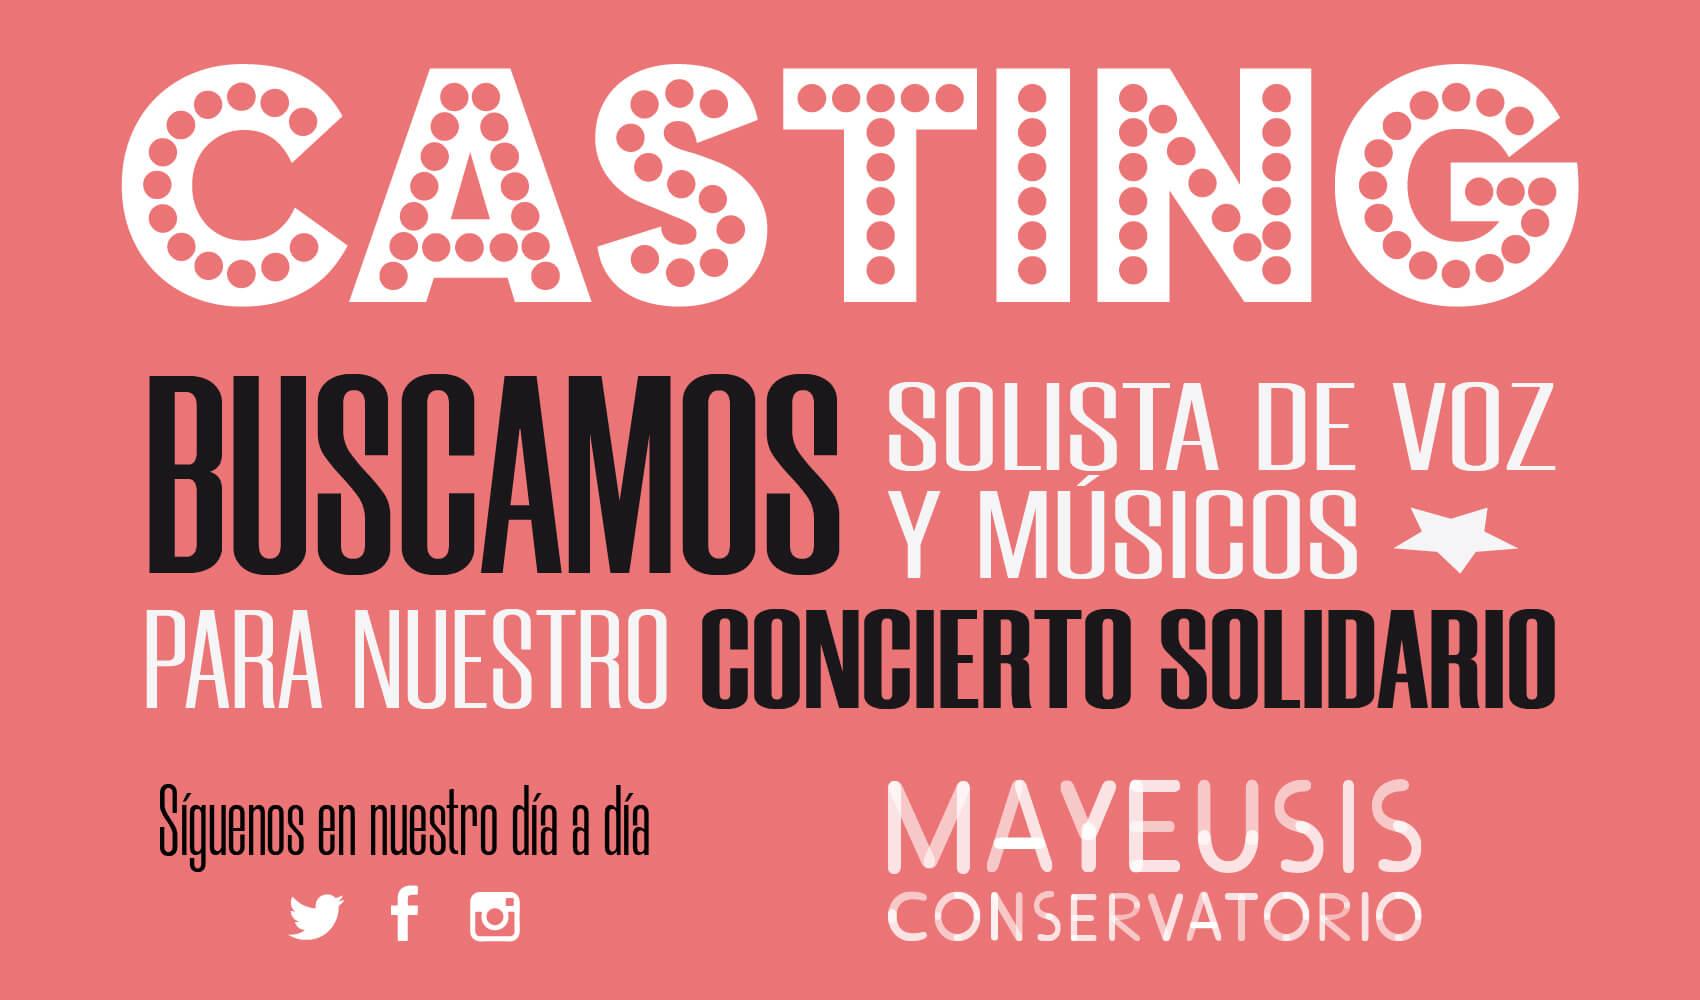 casting musical unicef vigo galicia opera musica mayeusis conservatorio luces navidad superior pontevedra